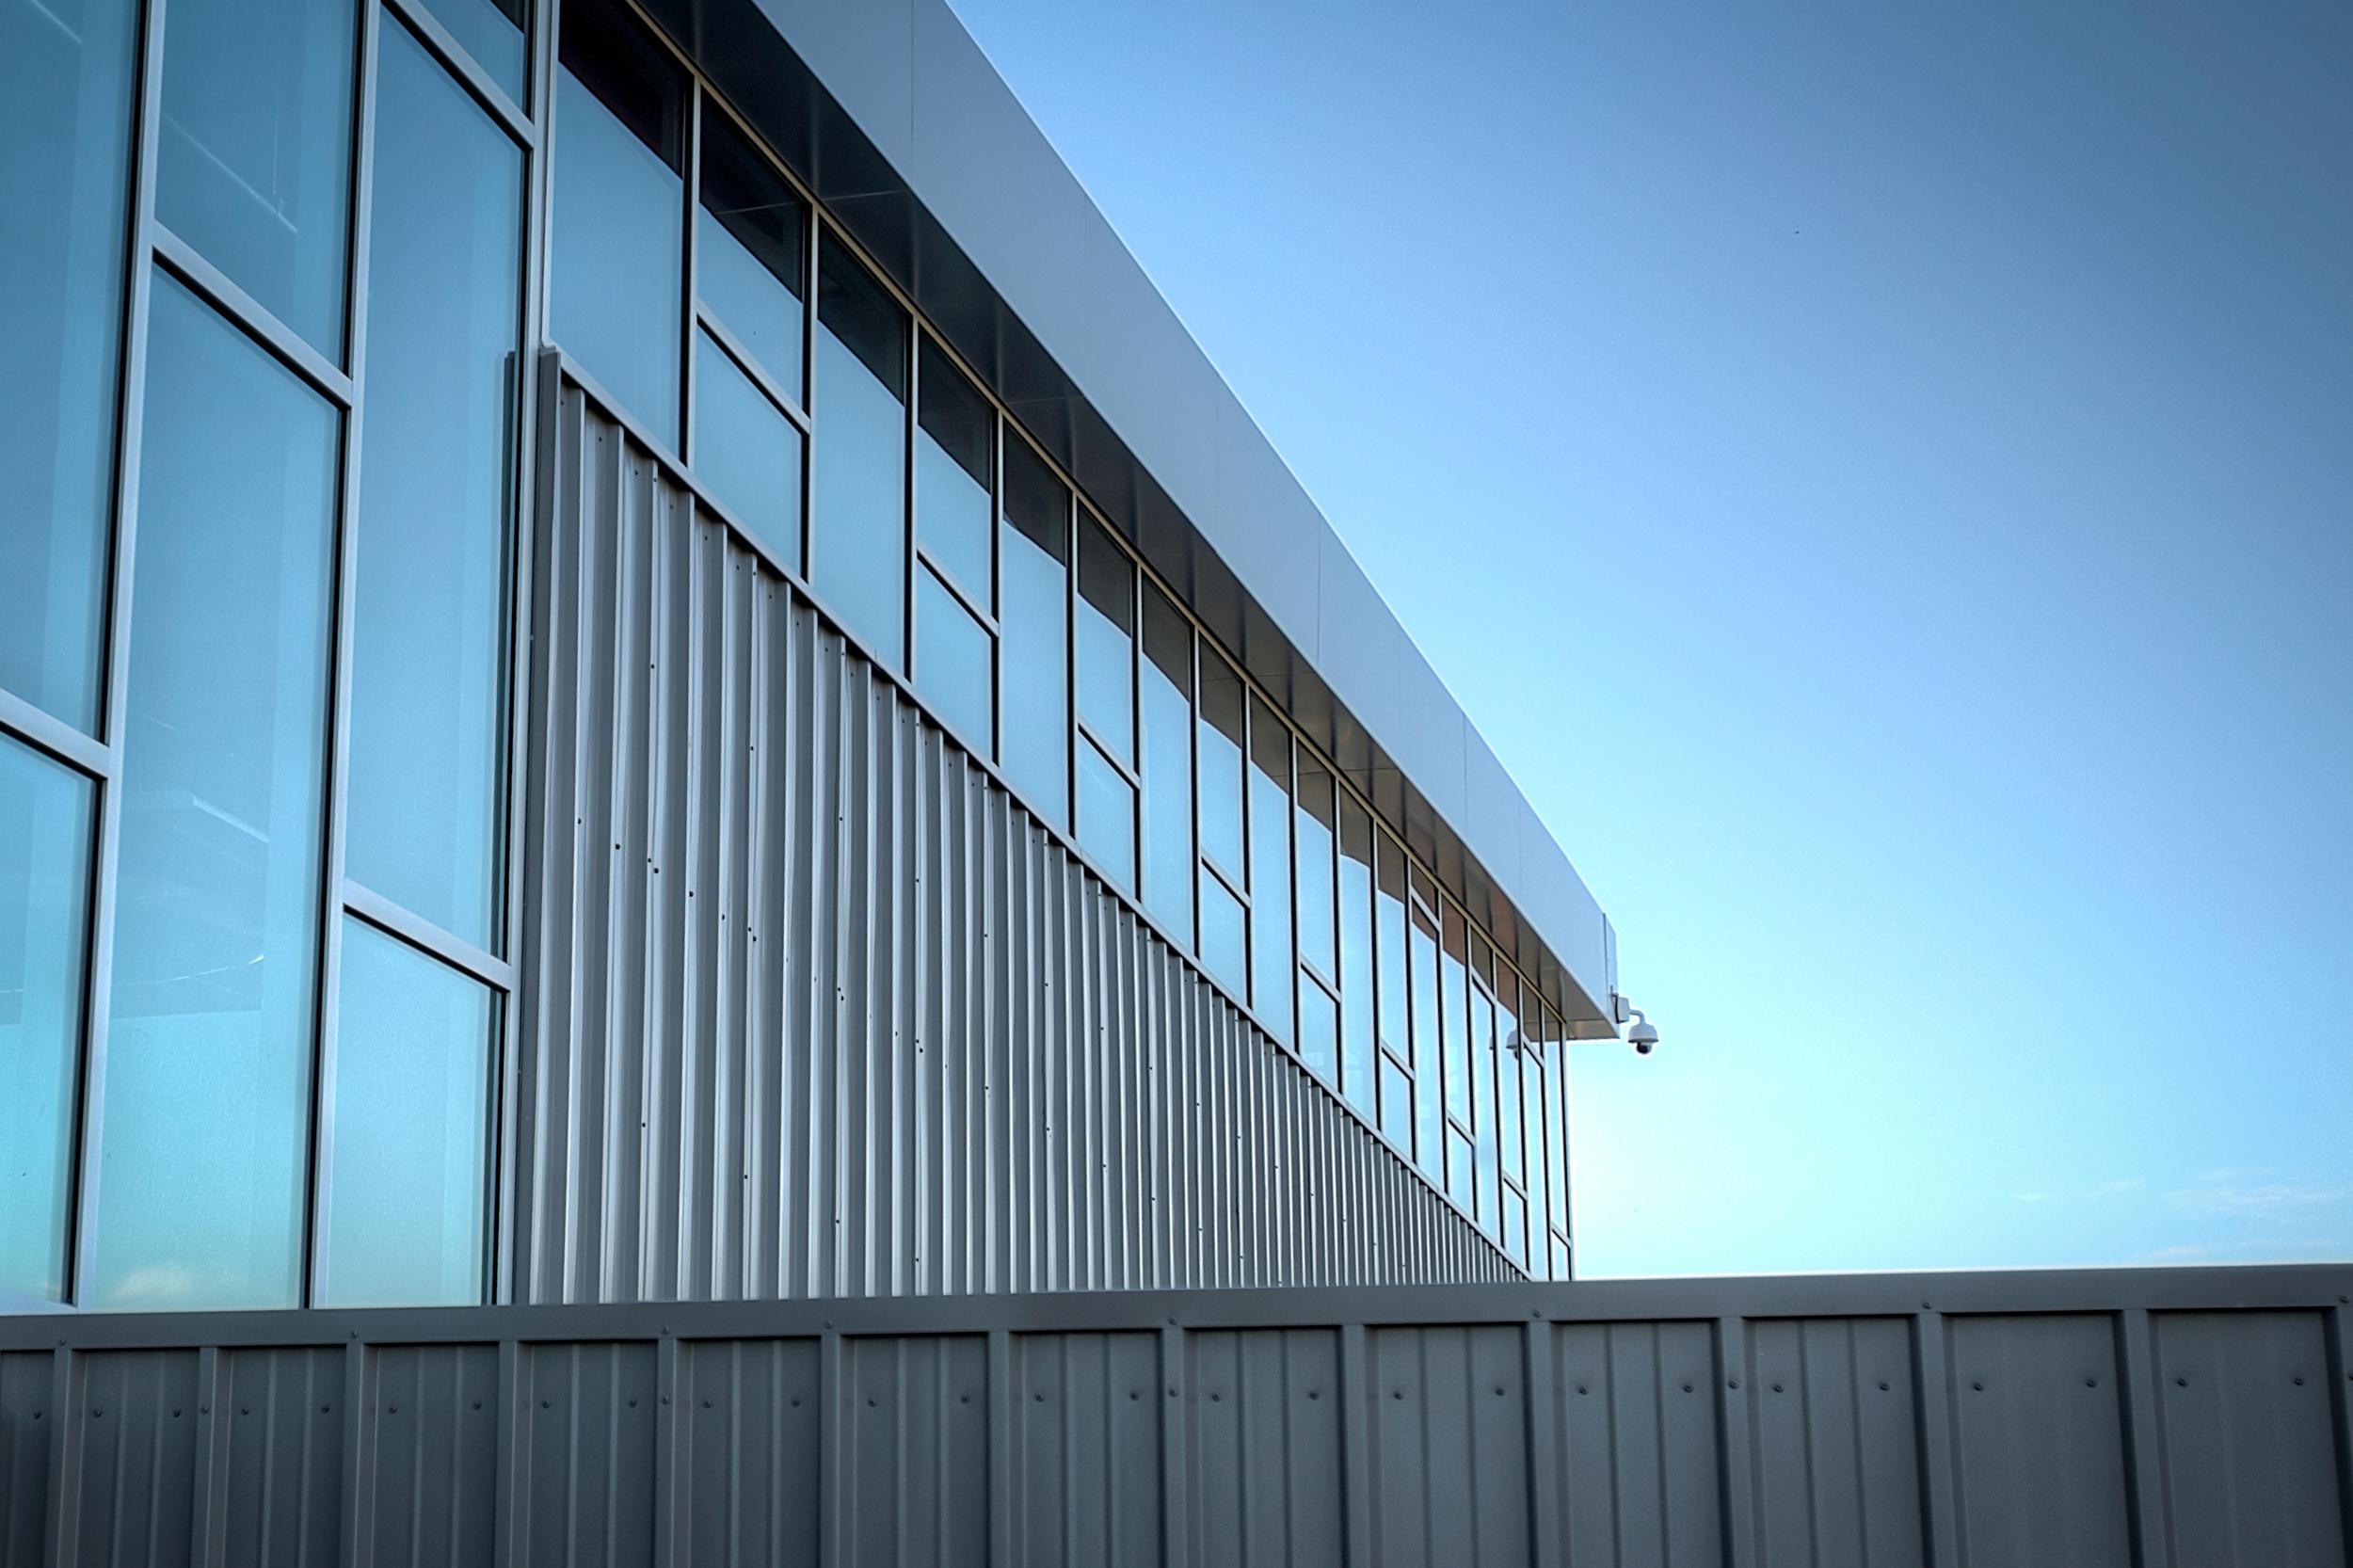 Ranken Technical College's new Wentzville Campus designed by JEMA -